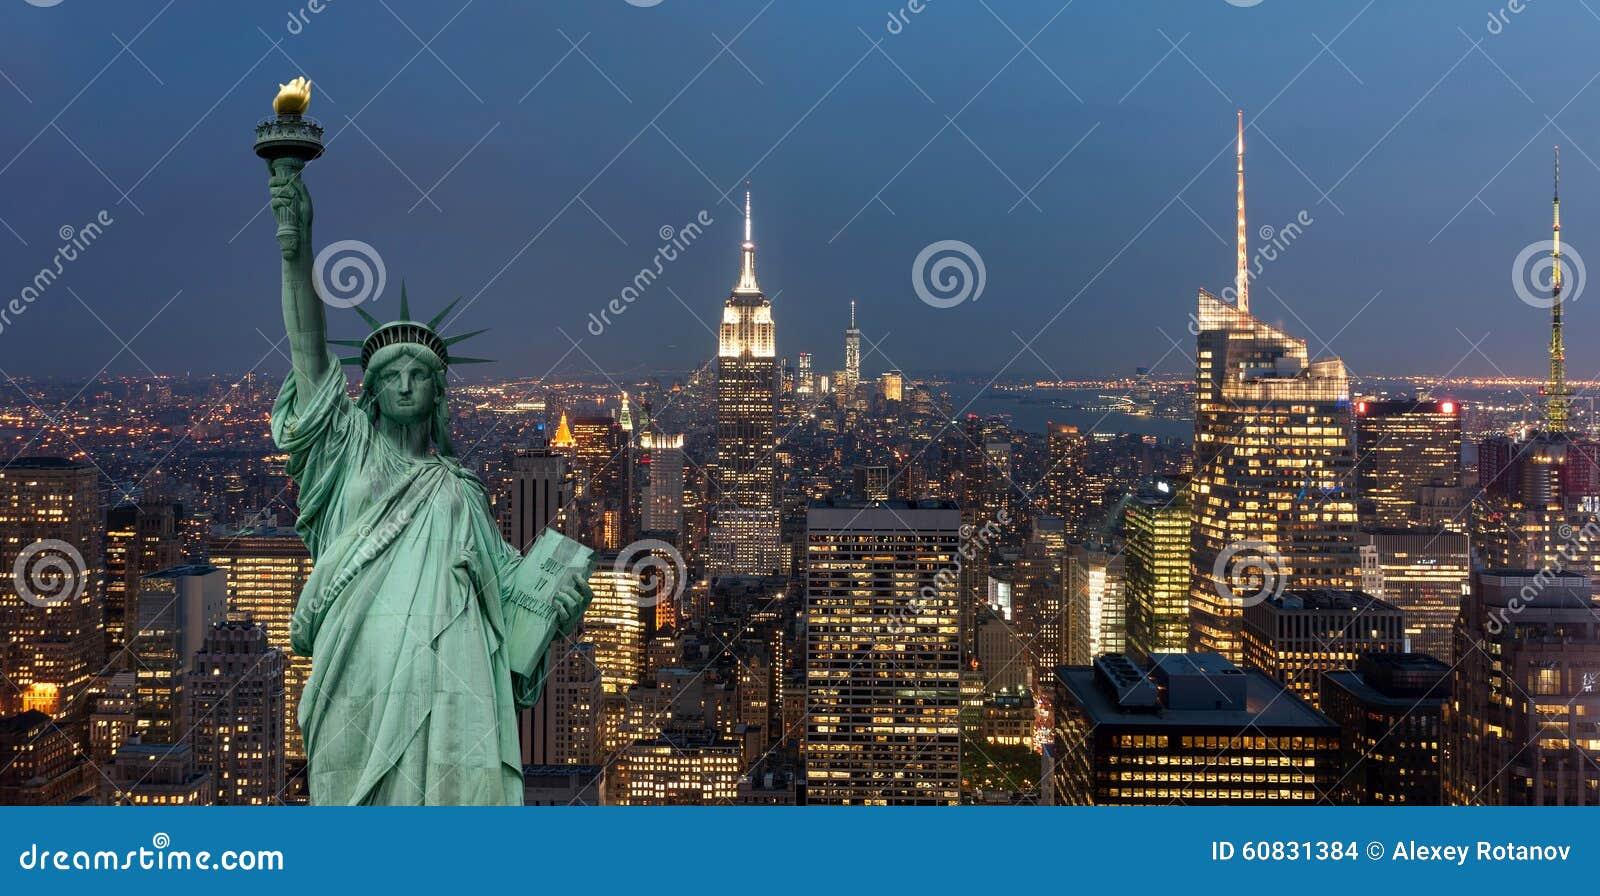 Concepto de los Estados Unidos de América con la estatua del concepto de la libertad